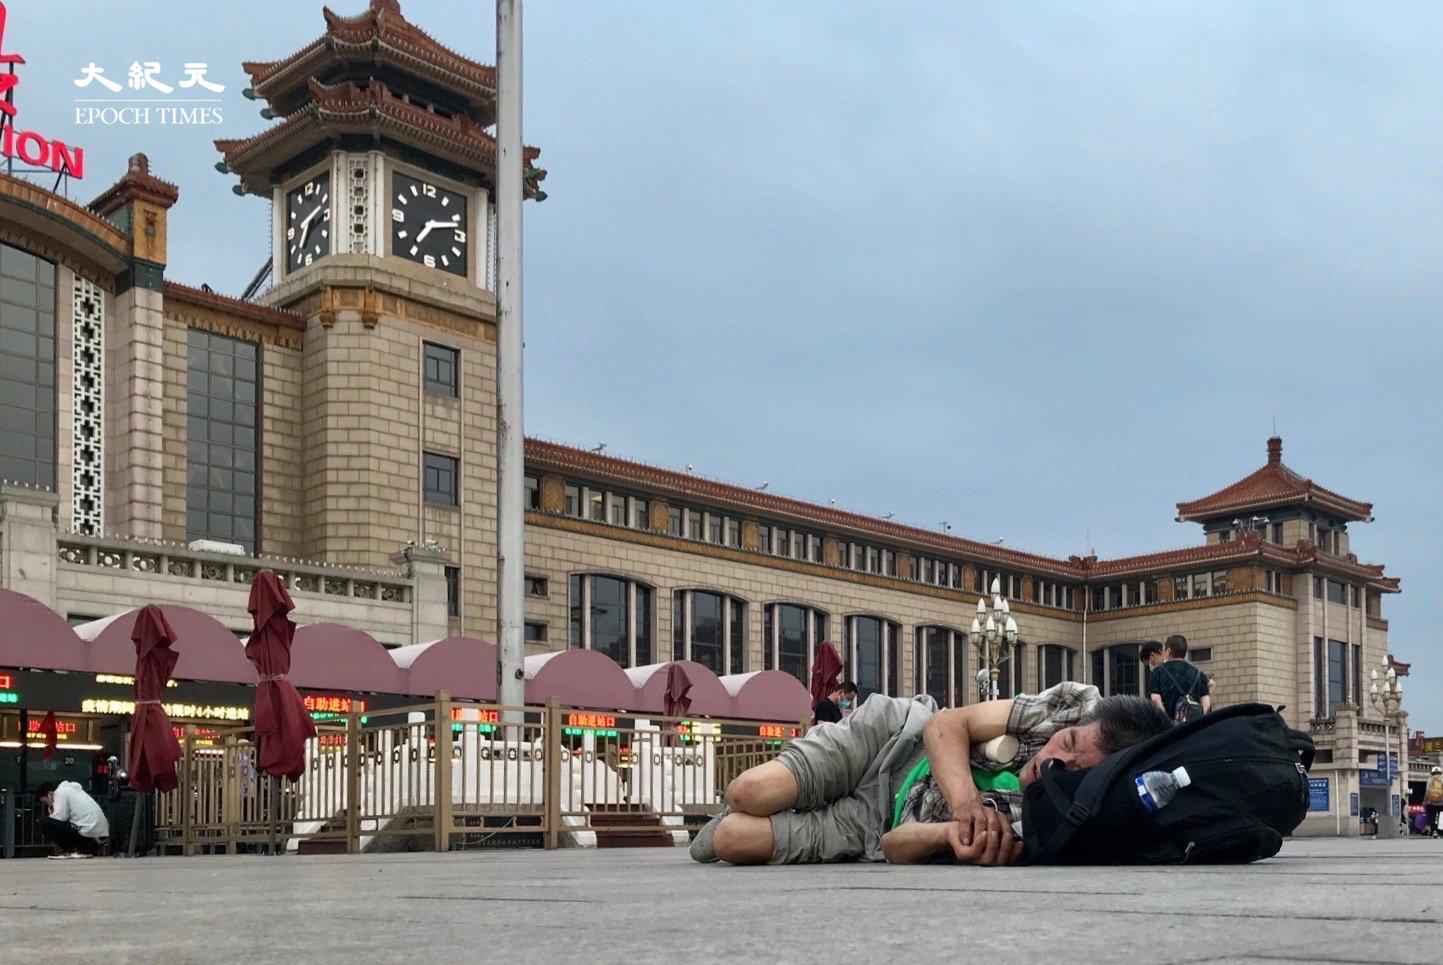 2020年6月25日端午節,農民工睡在在北京站廣場。(大紀元)